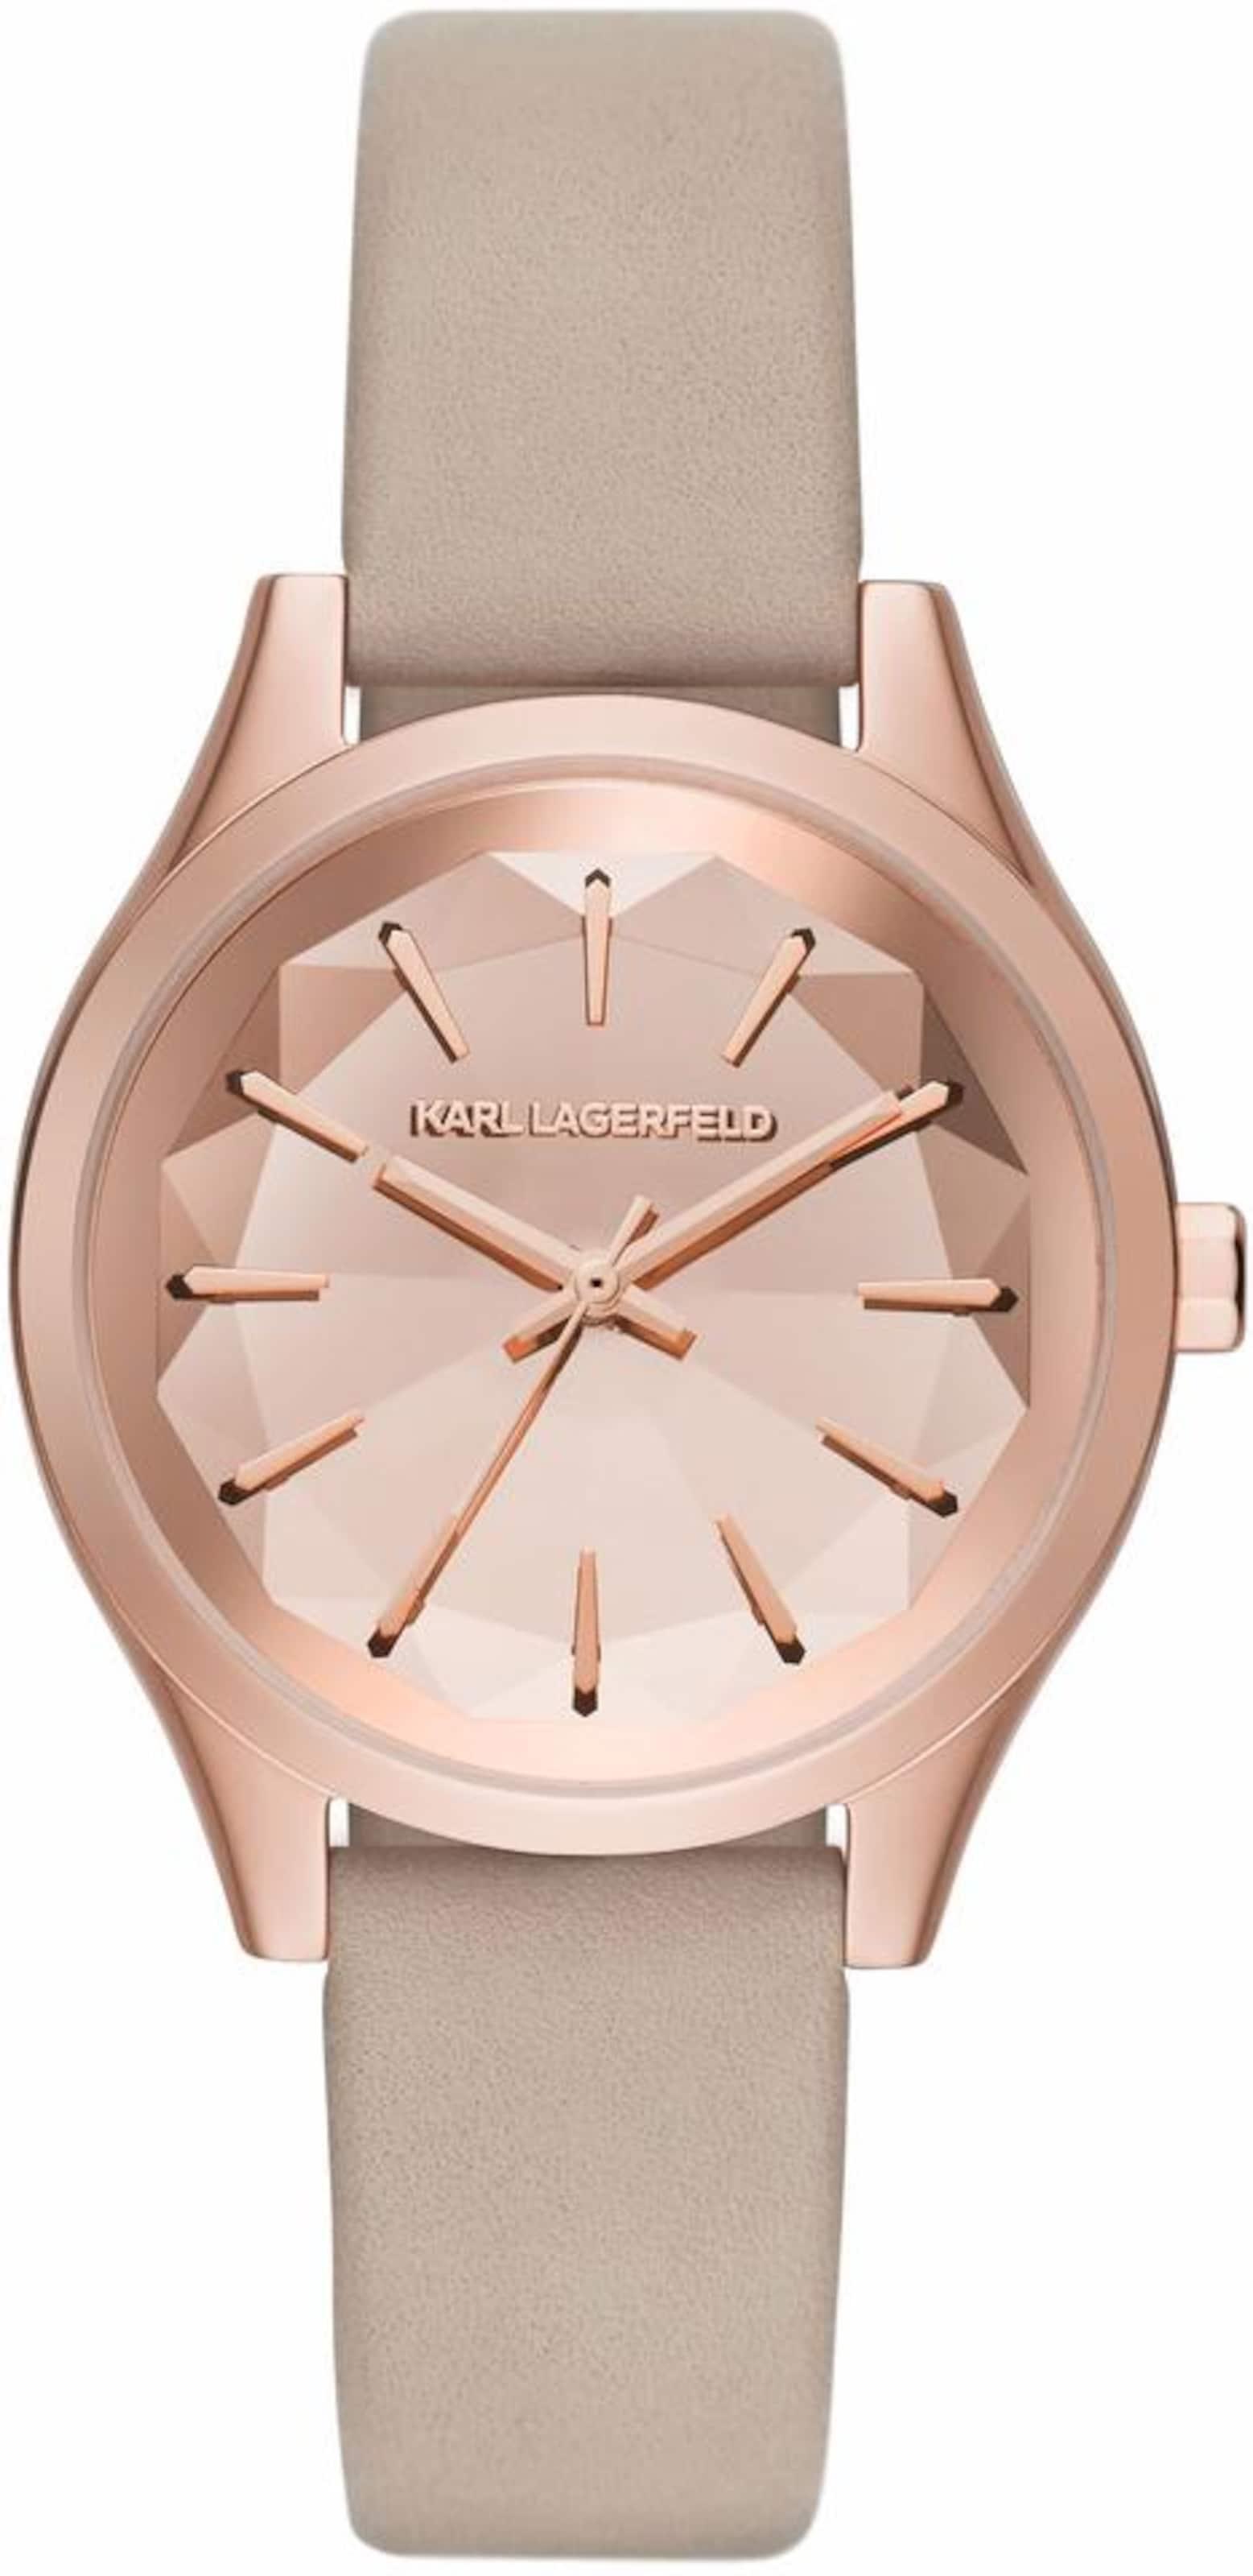 Mode-Stil Günstig Online Karl Lagerfeld Quarzuhr 'JANELLE' Shop-Angebot Verkauf Online Günstig Kaufen Top-Qualität Günstige Angebote oLOA0J